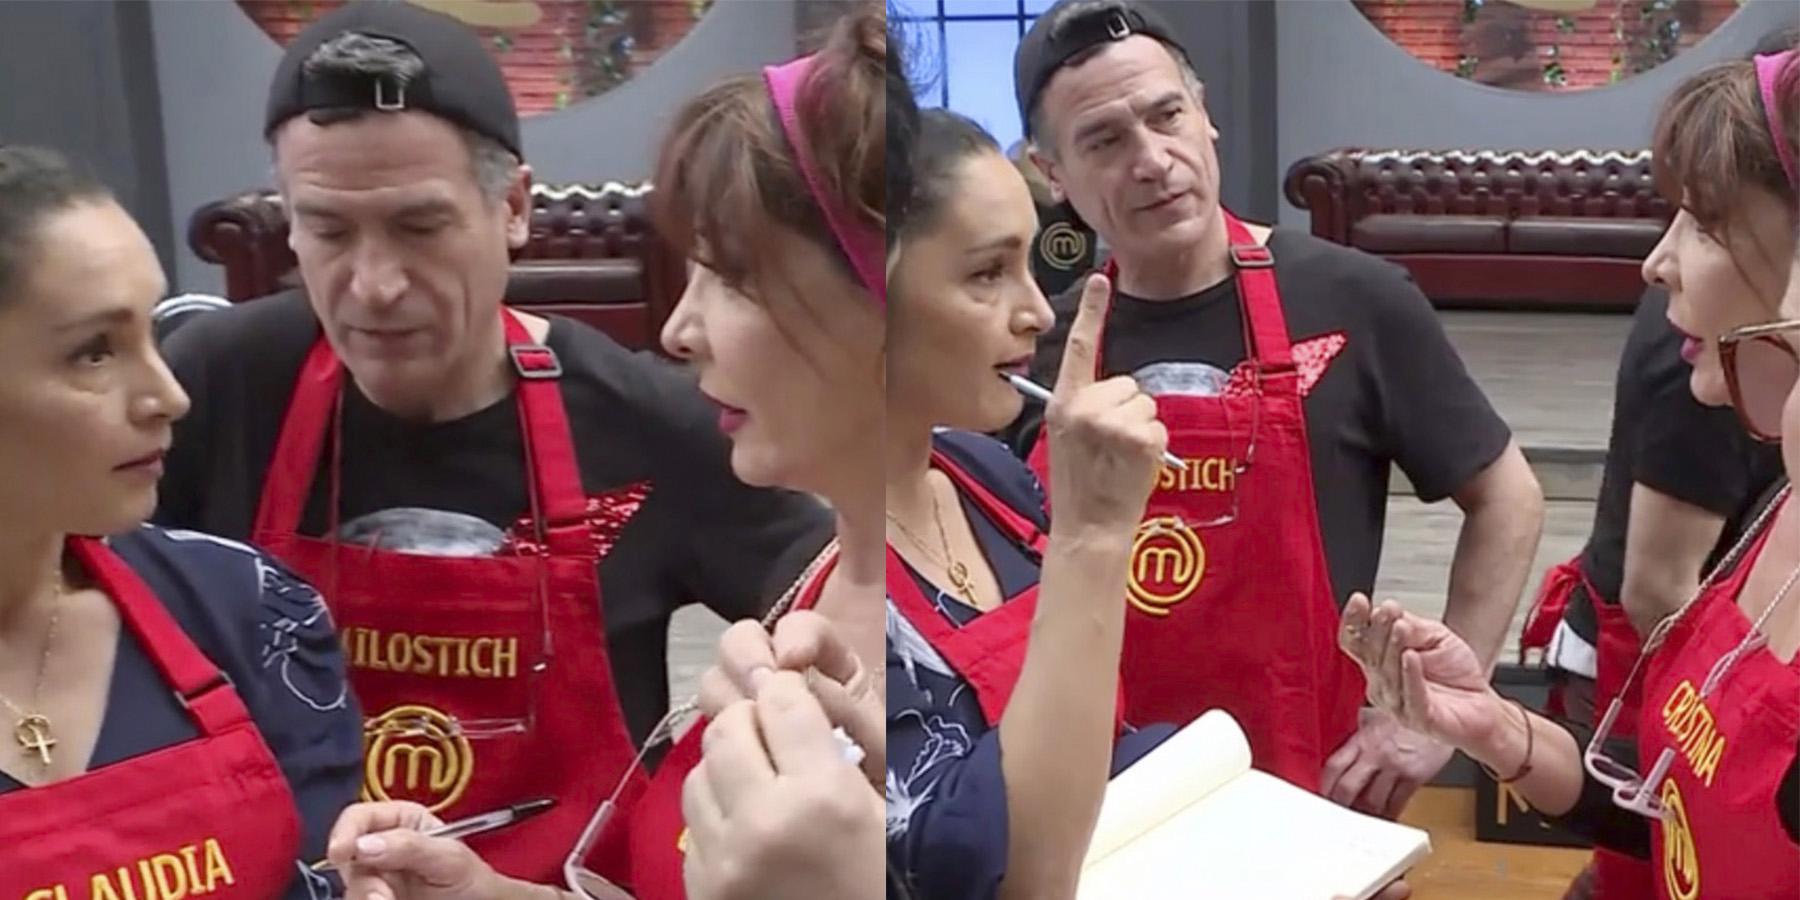 Claudia Miranda a su grupo en MasterChef: «¡Silencio!». Cristina Tocco: «¡Pará Claudita! No, no, no…»